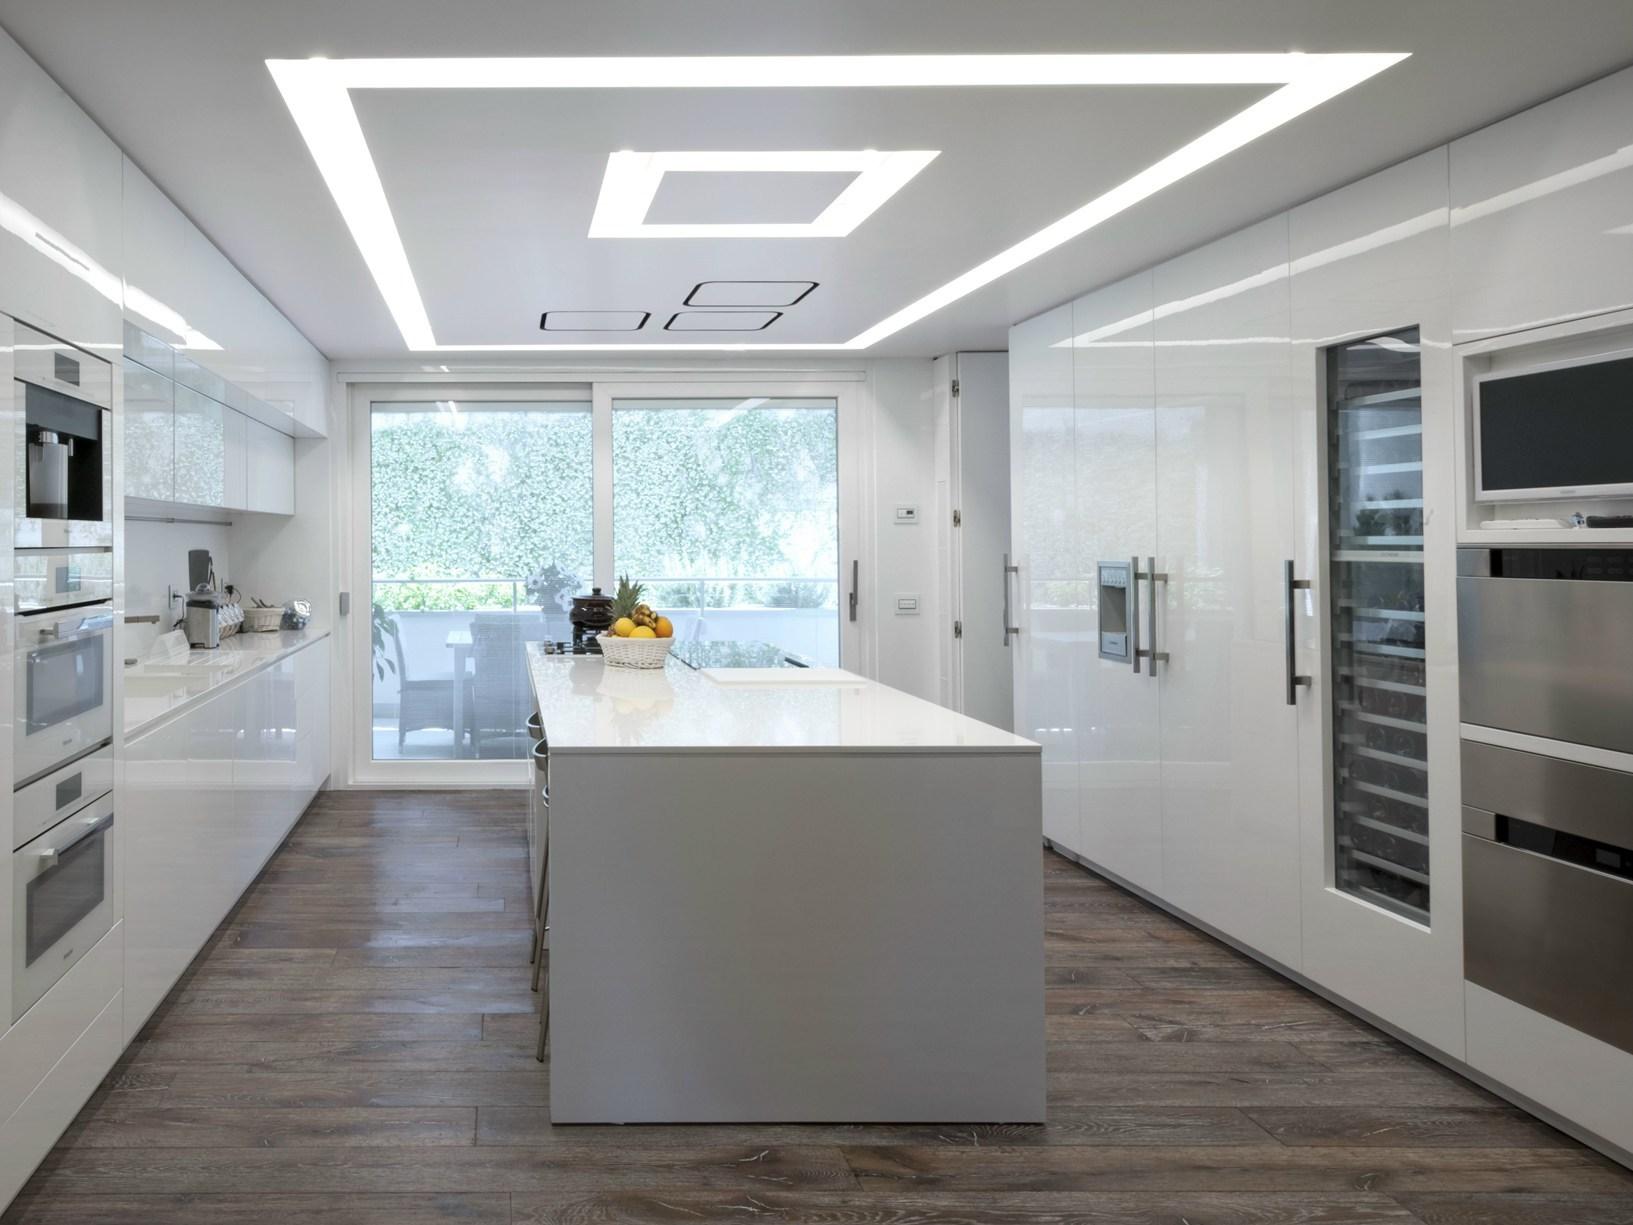 La domotica vimar per una nuova realizzazione residenziale for Vimar domotica